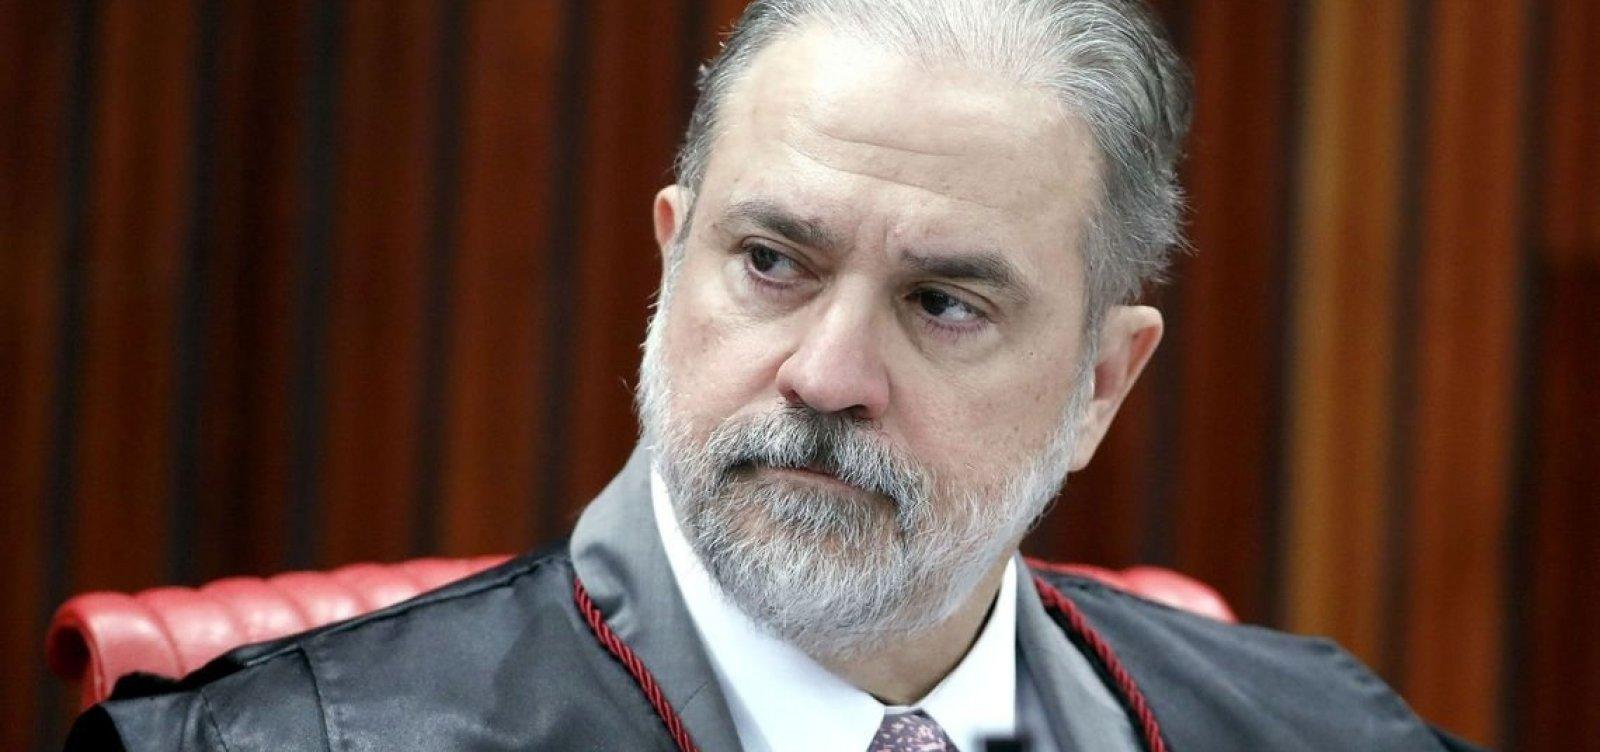 [Augusto Aras denunciou presidente do TJ-BA e major por estelionato e extorsão]